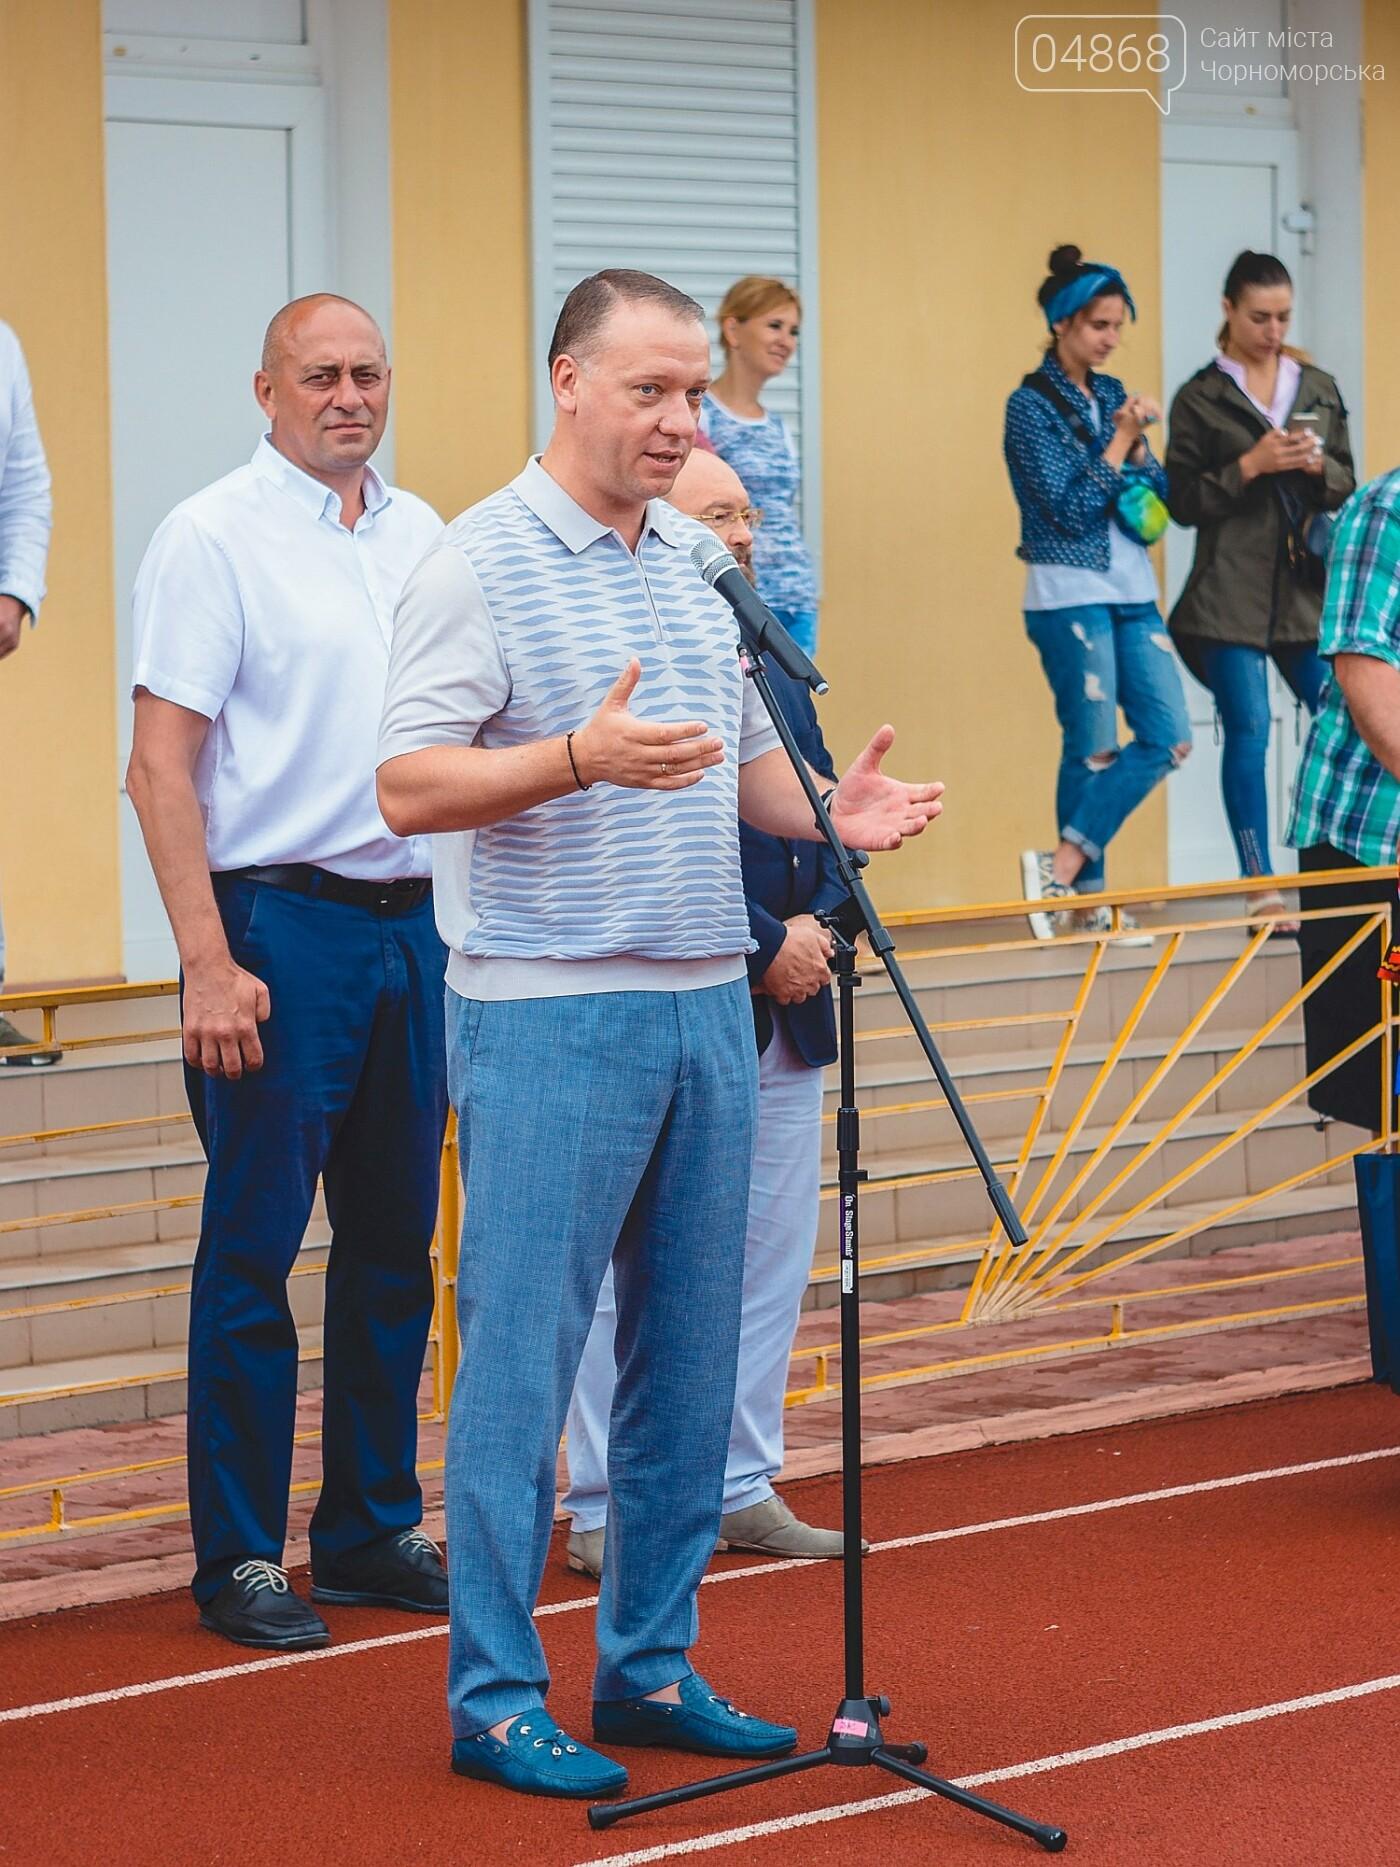 В Черноморске завершилась VII Всеукраинская спартакиада среди депутатов, фото-11